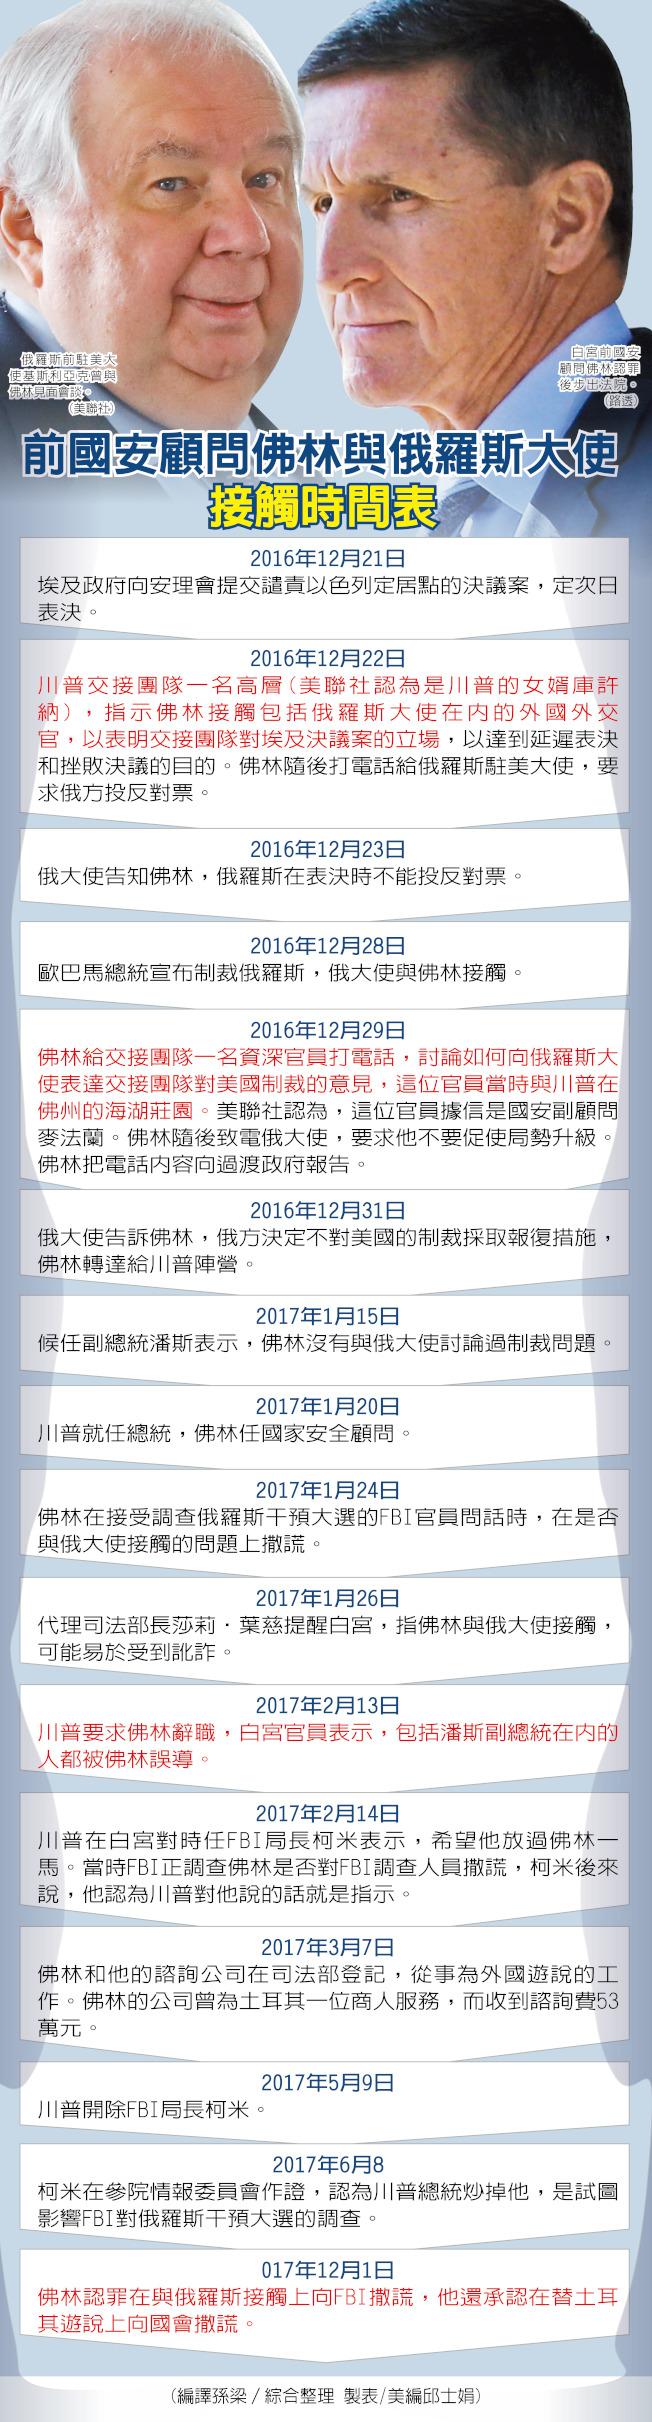 編譯孫梁/綜合整理 邱士娟/製表 圖片來源:路透、美聯社